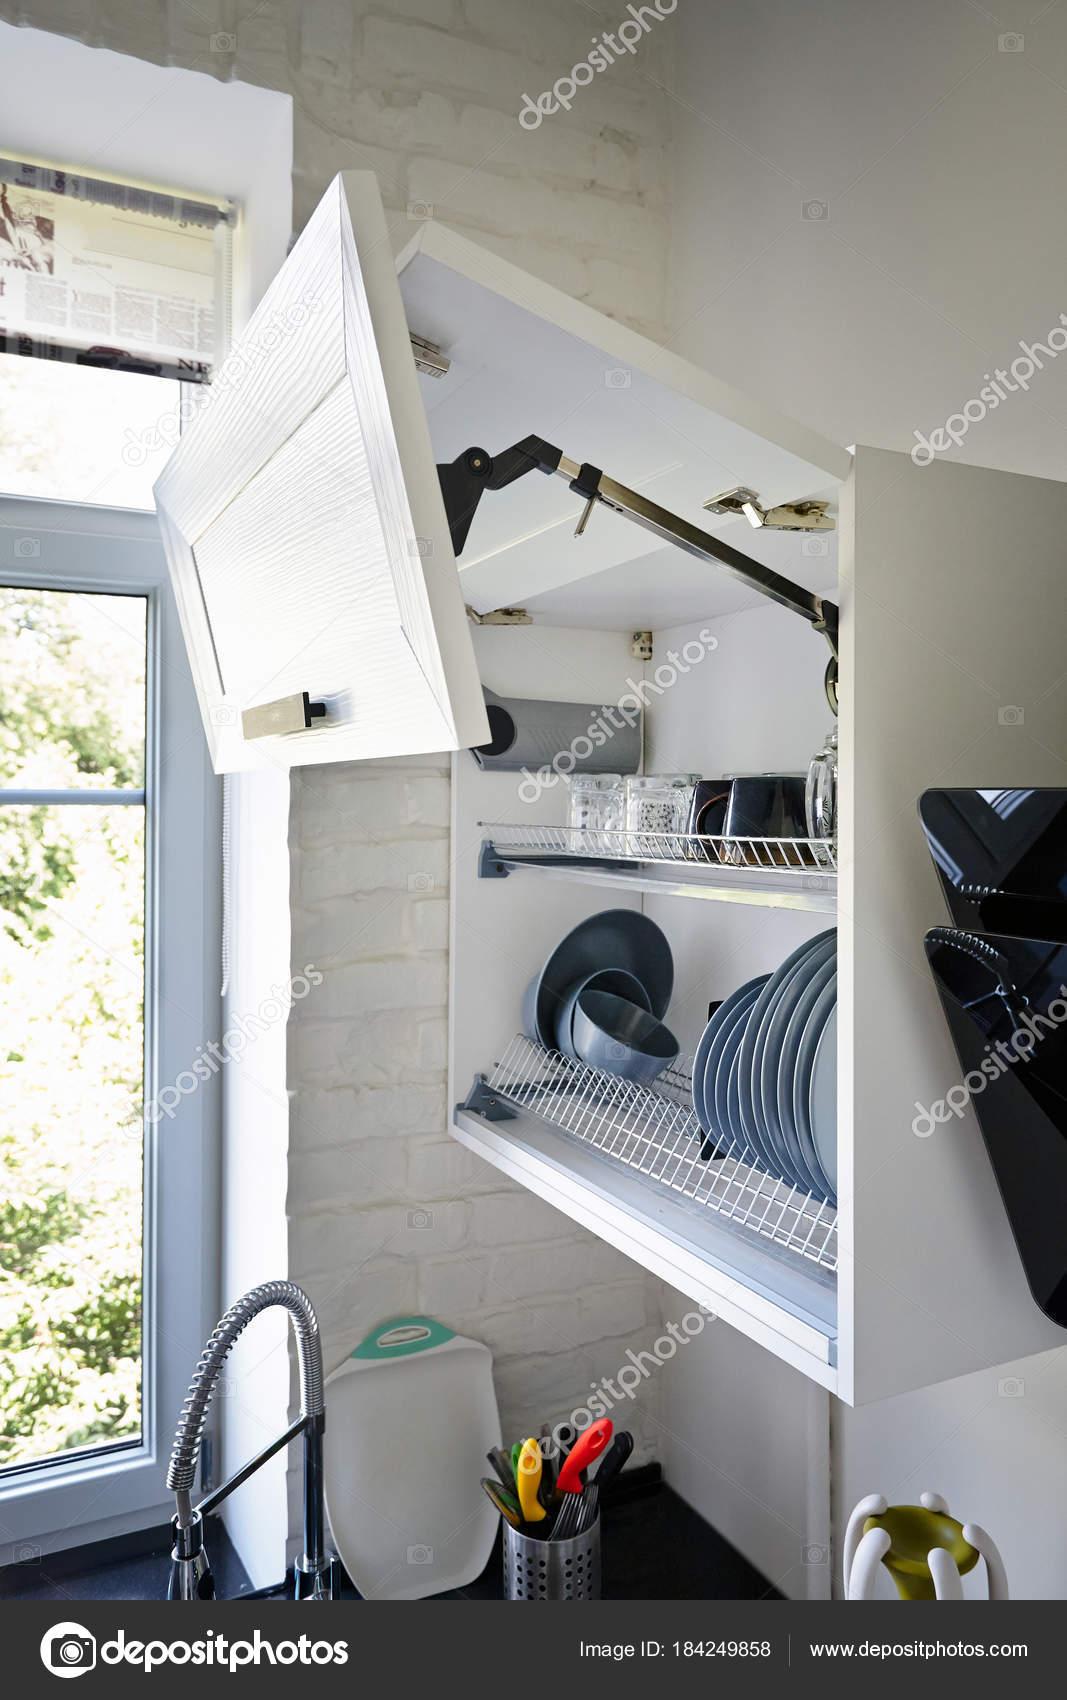 Completamente aperto bianco armadio da cucina con piastre sulla ...